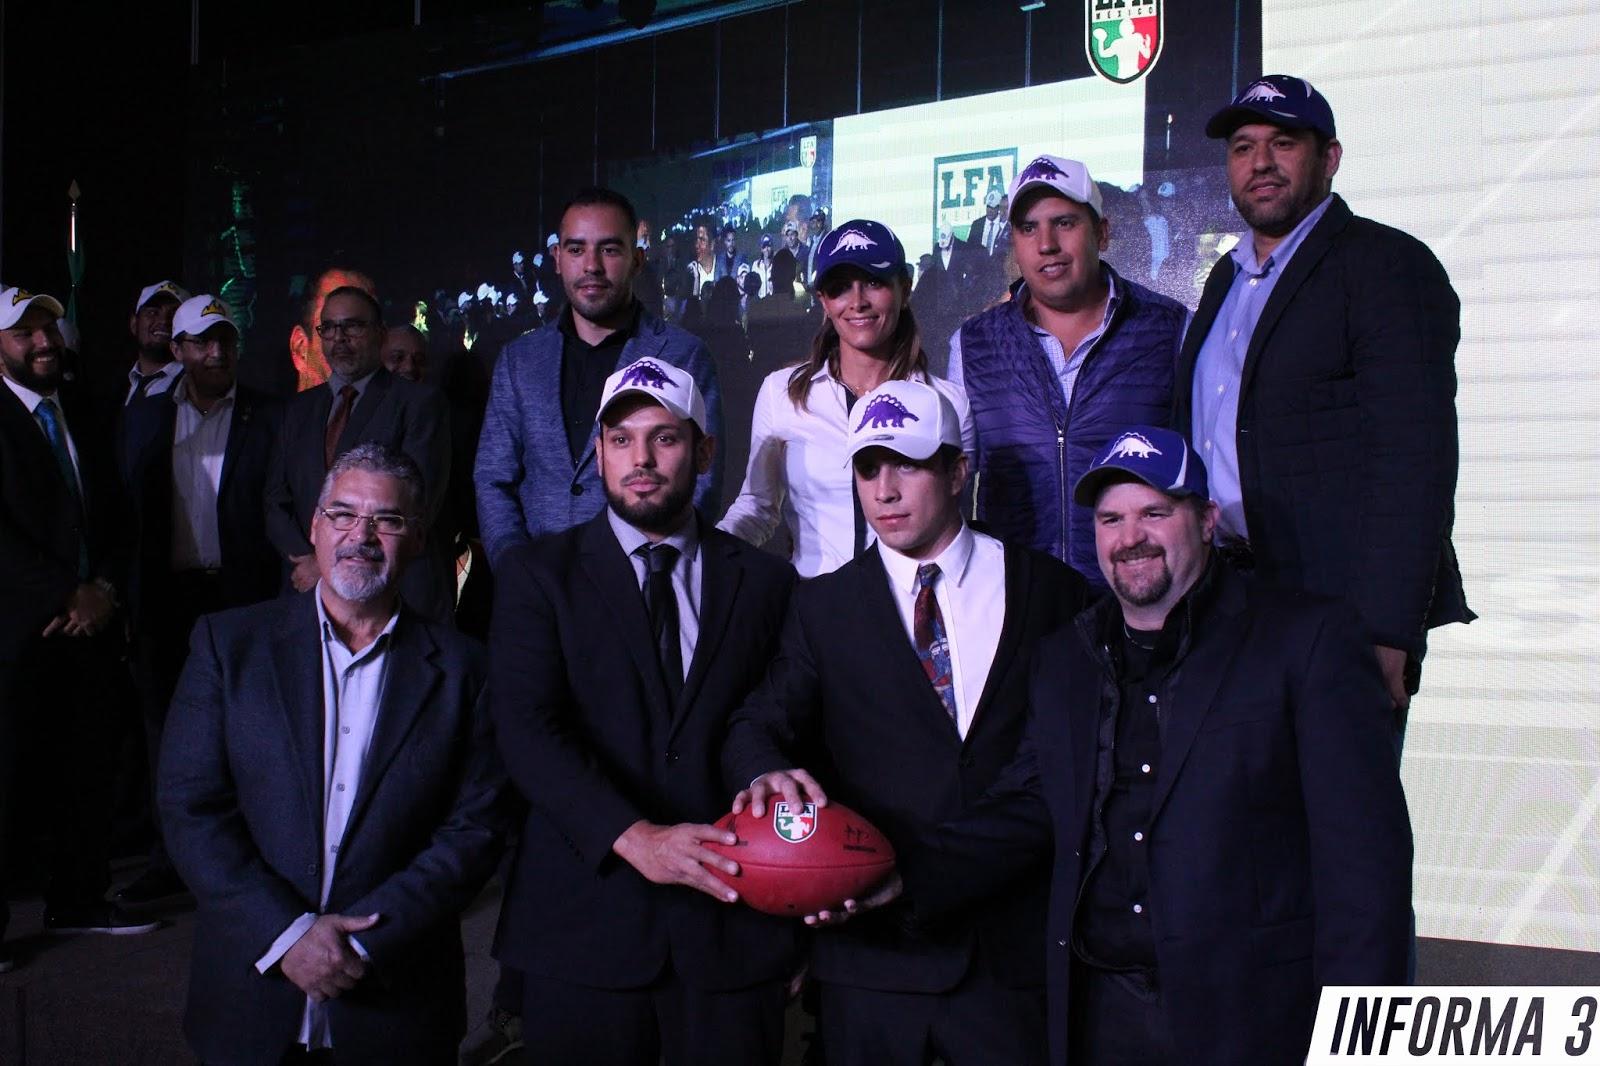 Jugadores seleccionados por Dinos, Draft LFA 2019